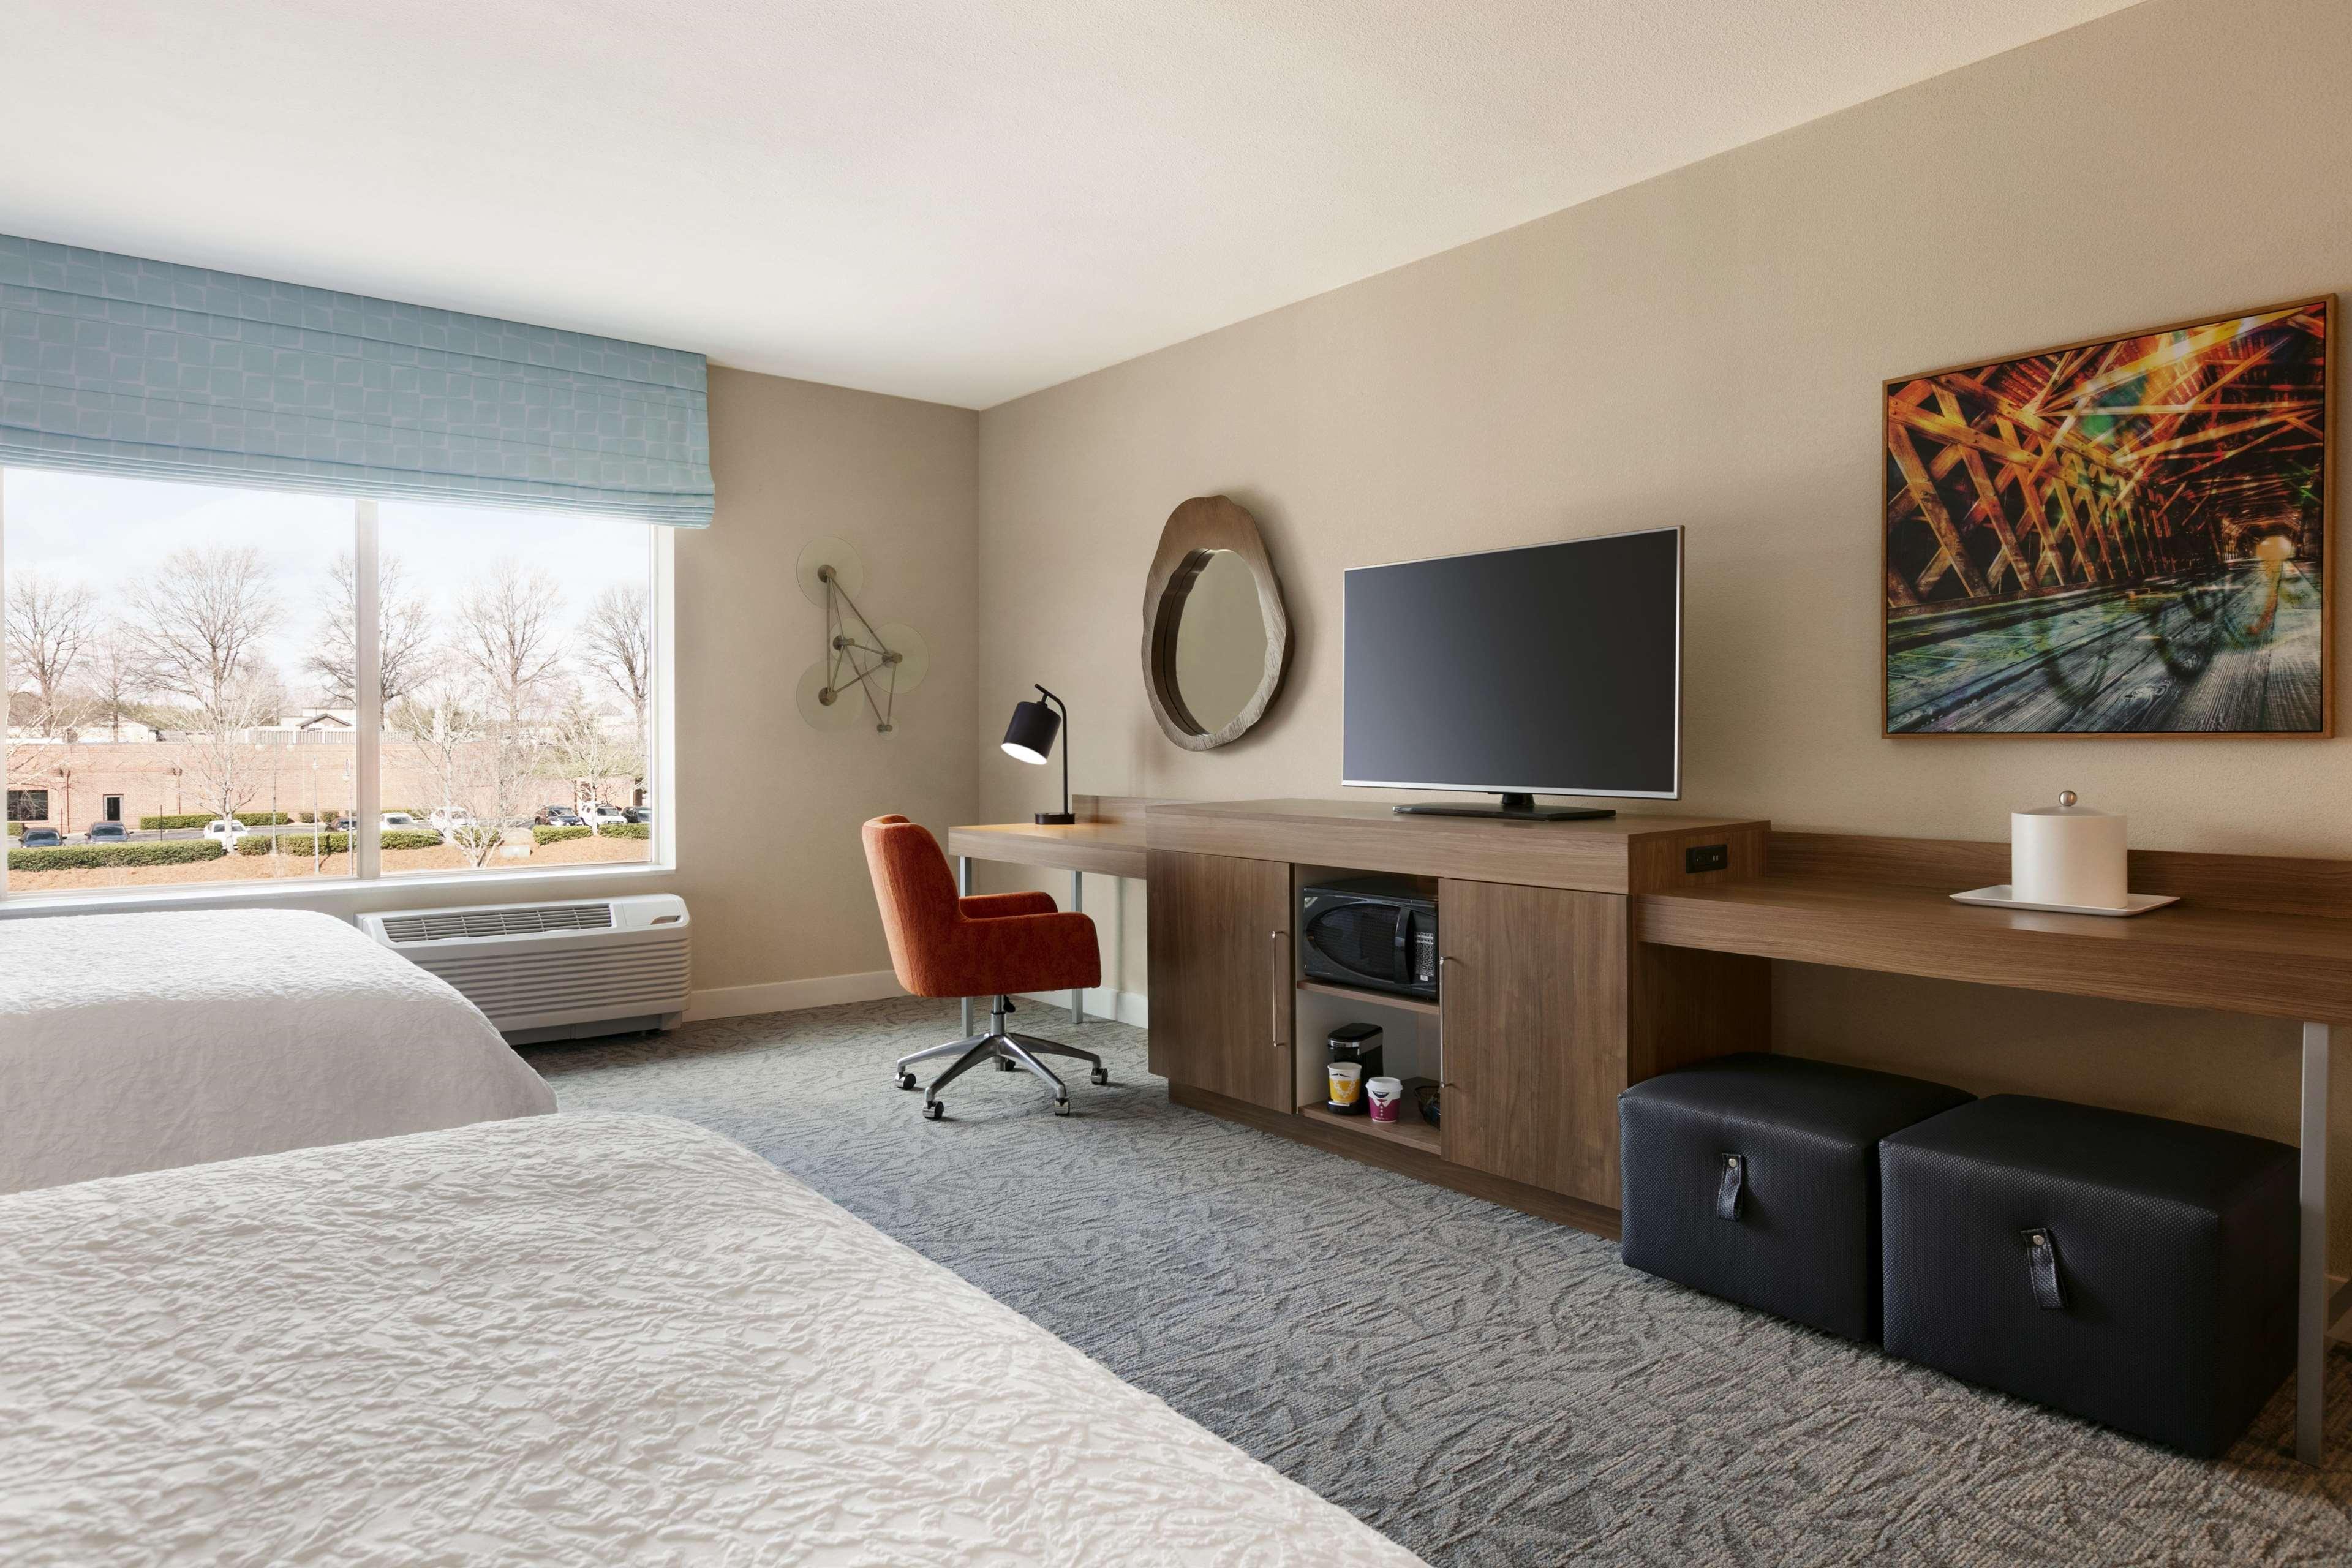 Hampton Inn and Suites Johns Creek image 39